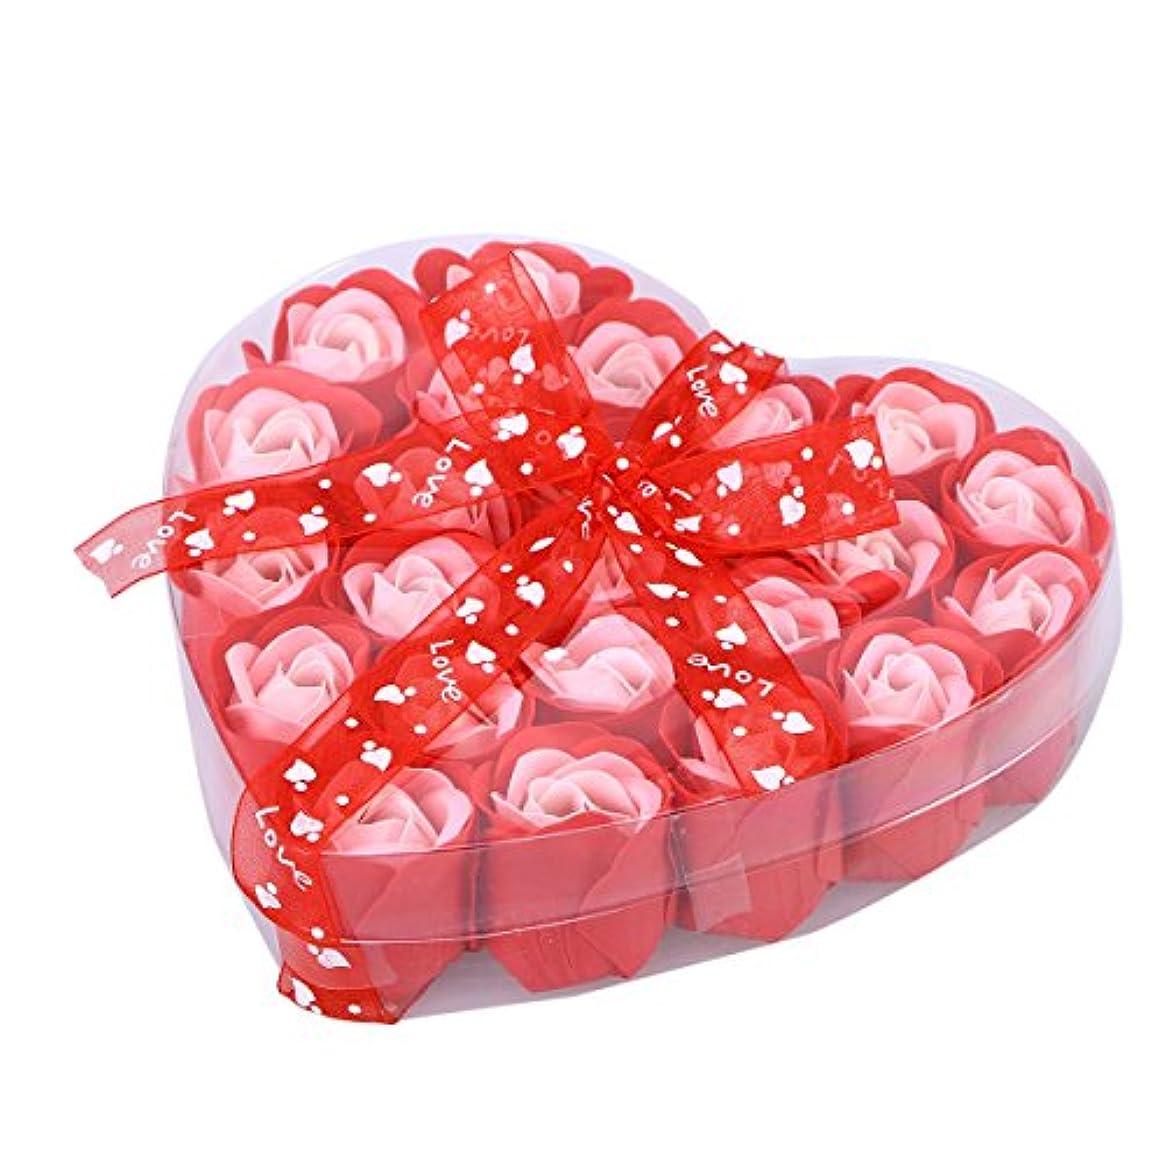 分析的な永久に課税Healifty バレンタインデーのハートボックスに香りの石鹸バラの花びら(ランダムリボン)24個